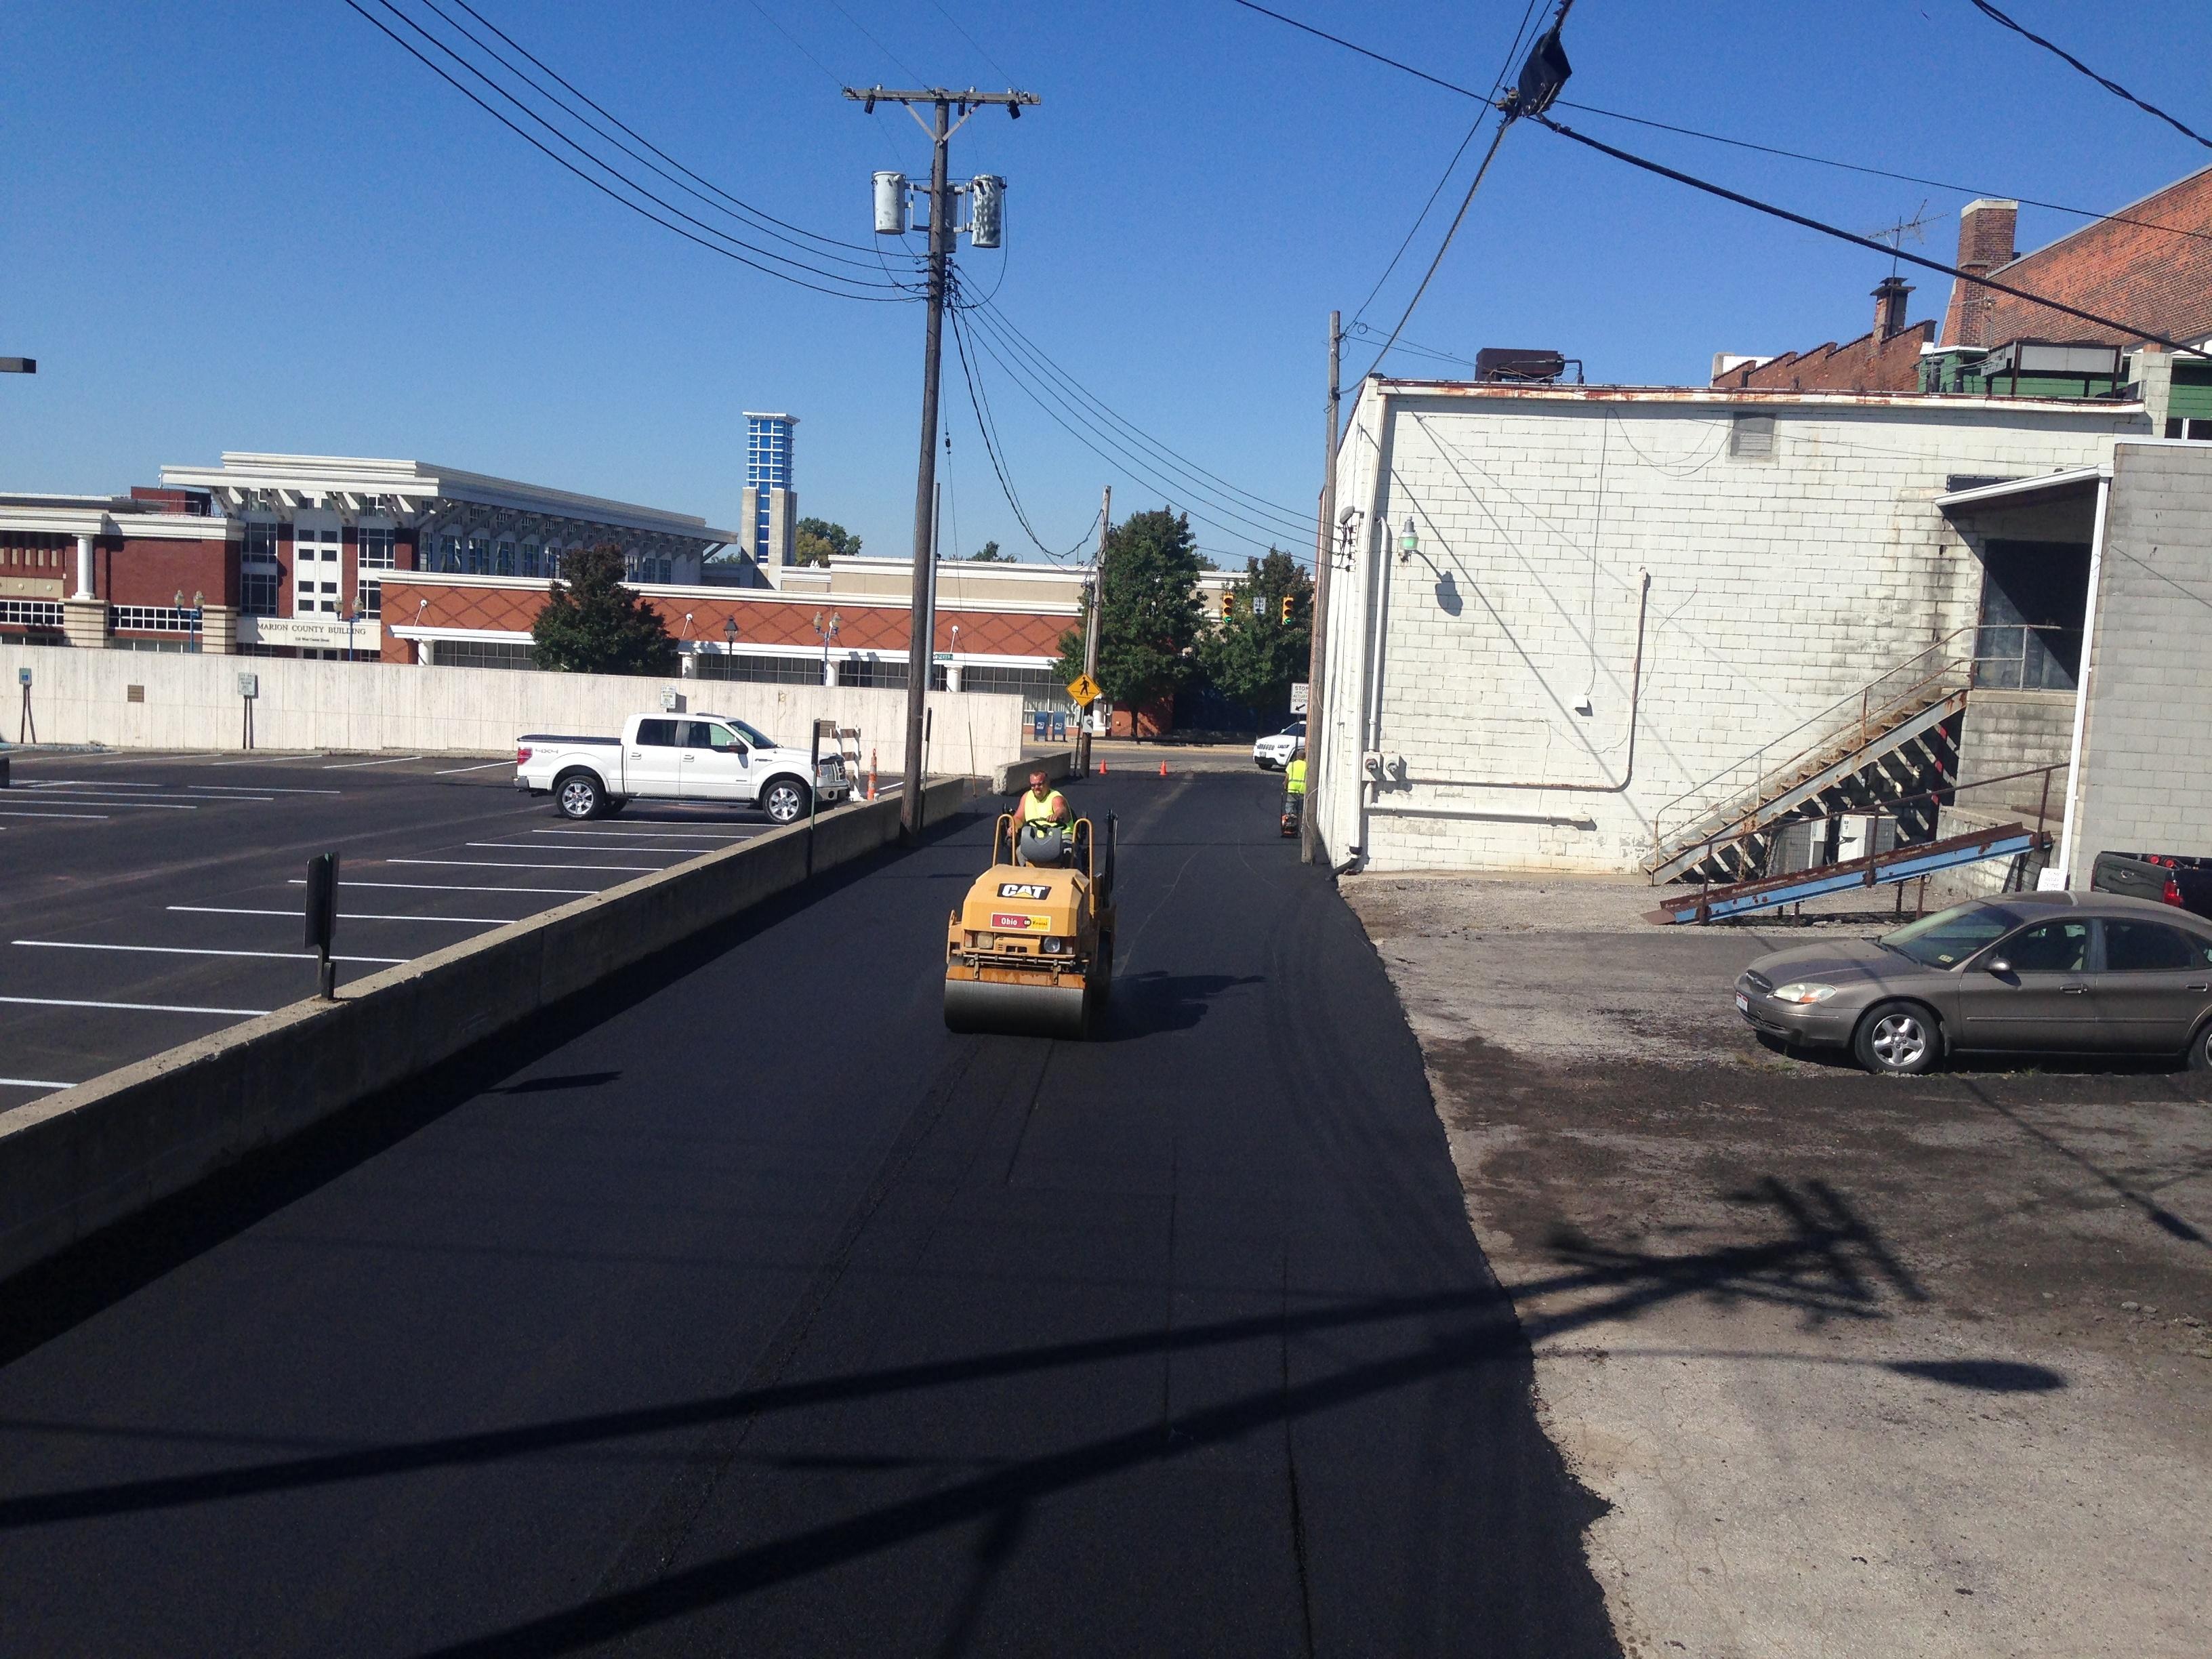 Park Enterprise Construction asphalt parking lot